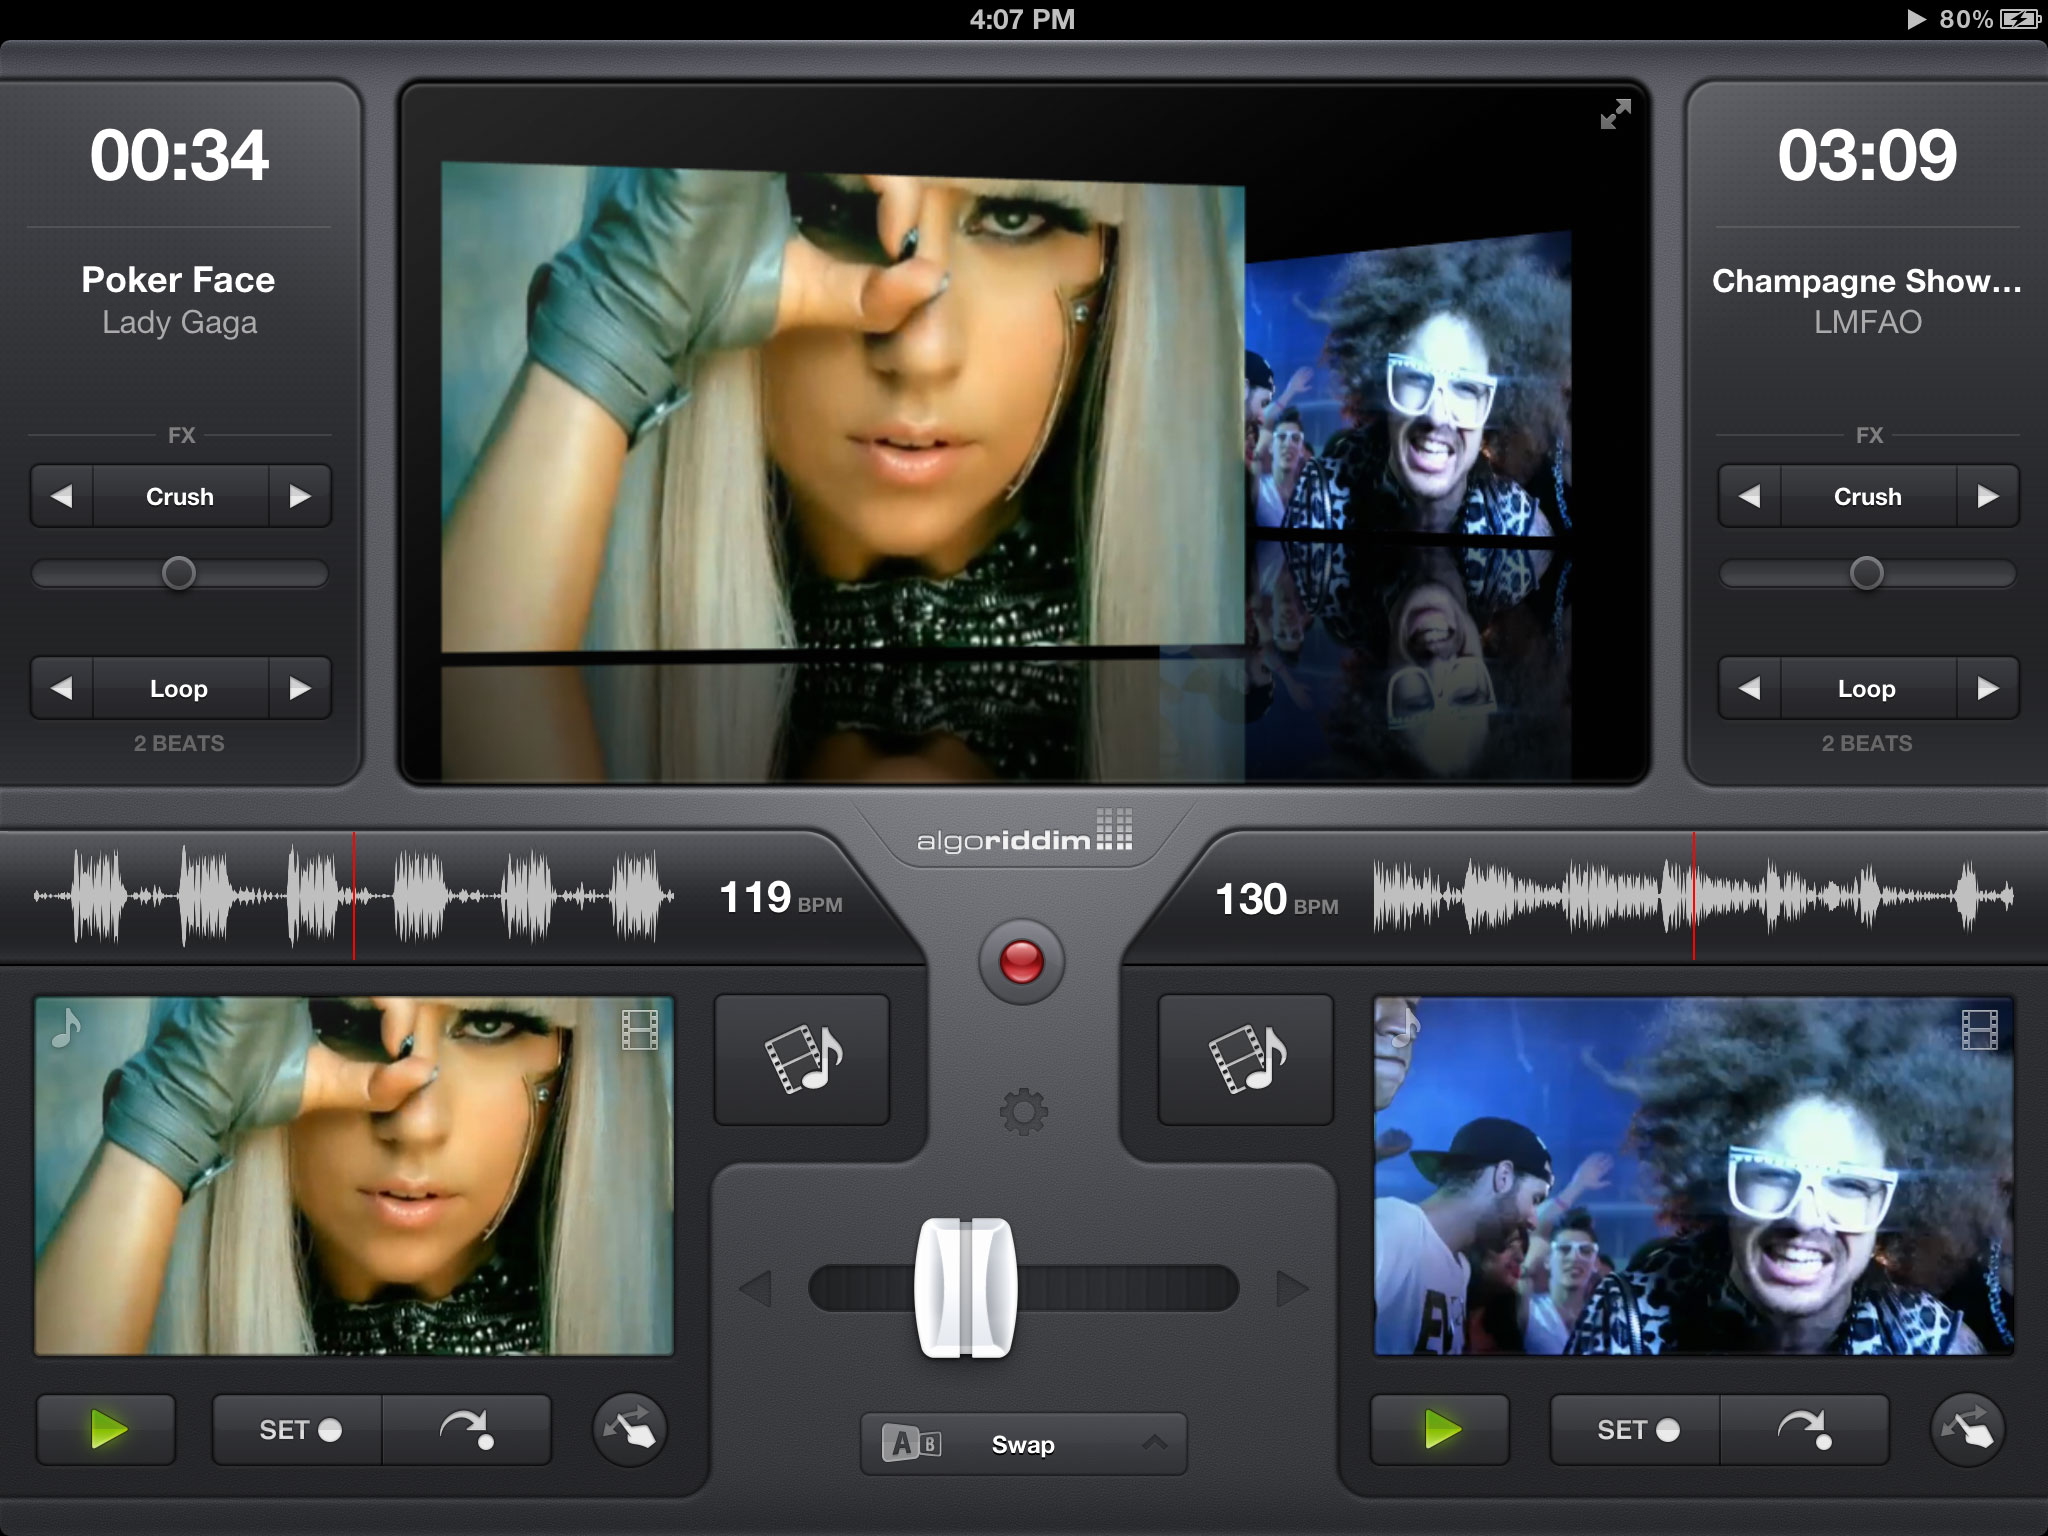 vjay - Míchání videoklipů v reálném čase na iPadu (video)